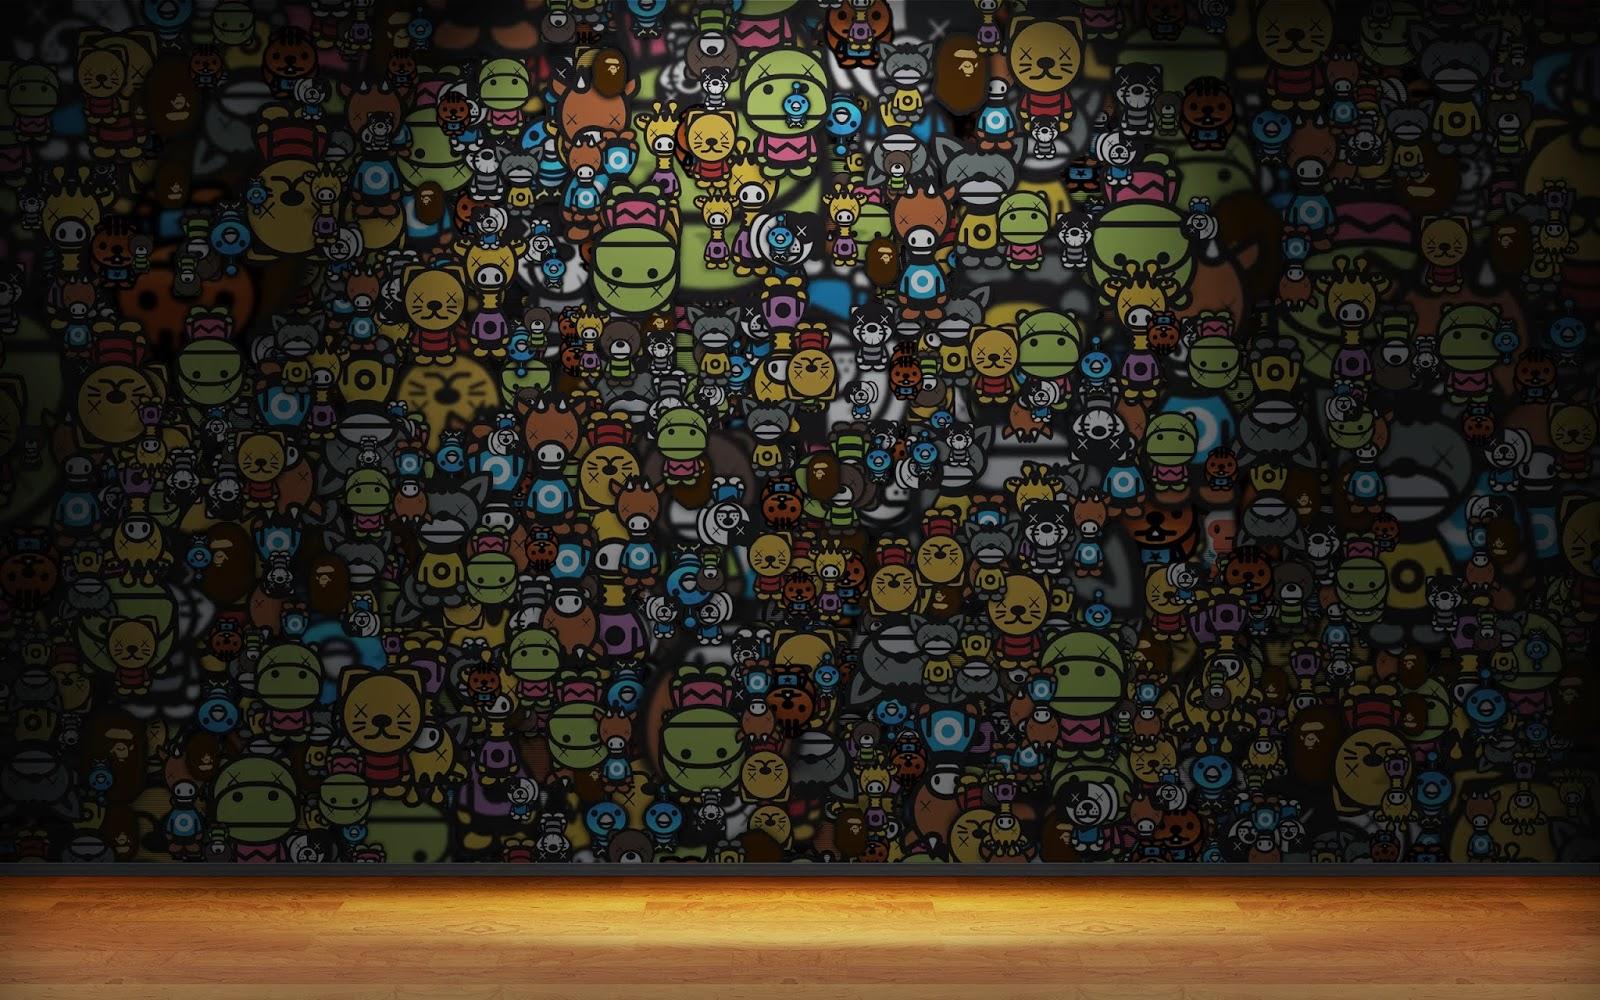 Fondo de Pantalla Abstracto Dibujos animados - imagenes